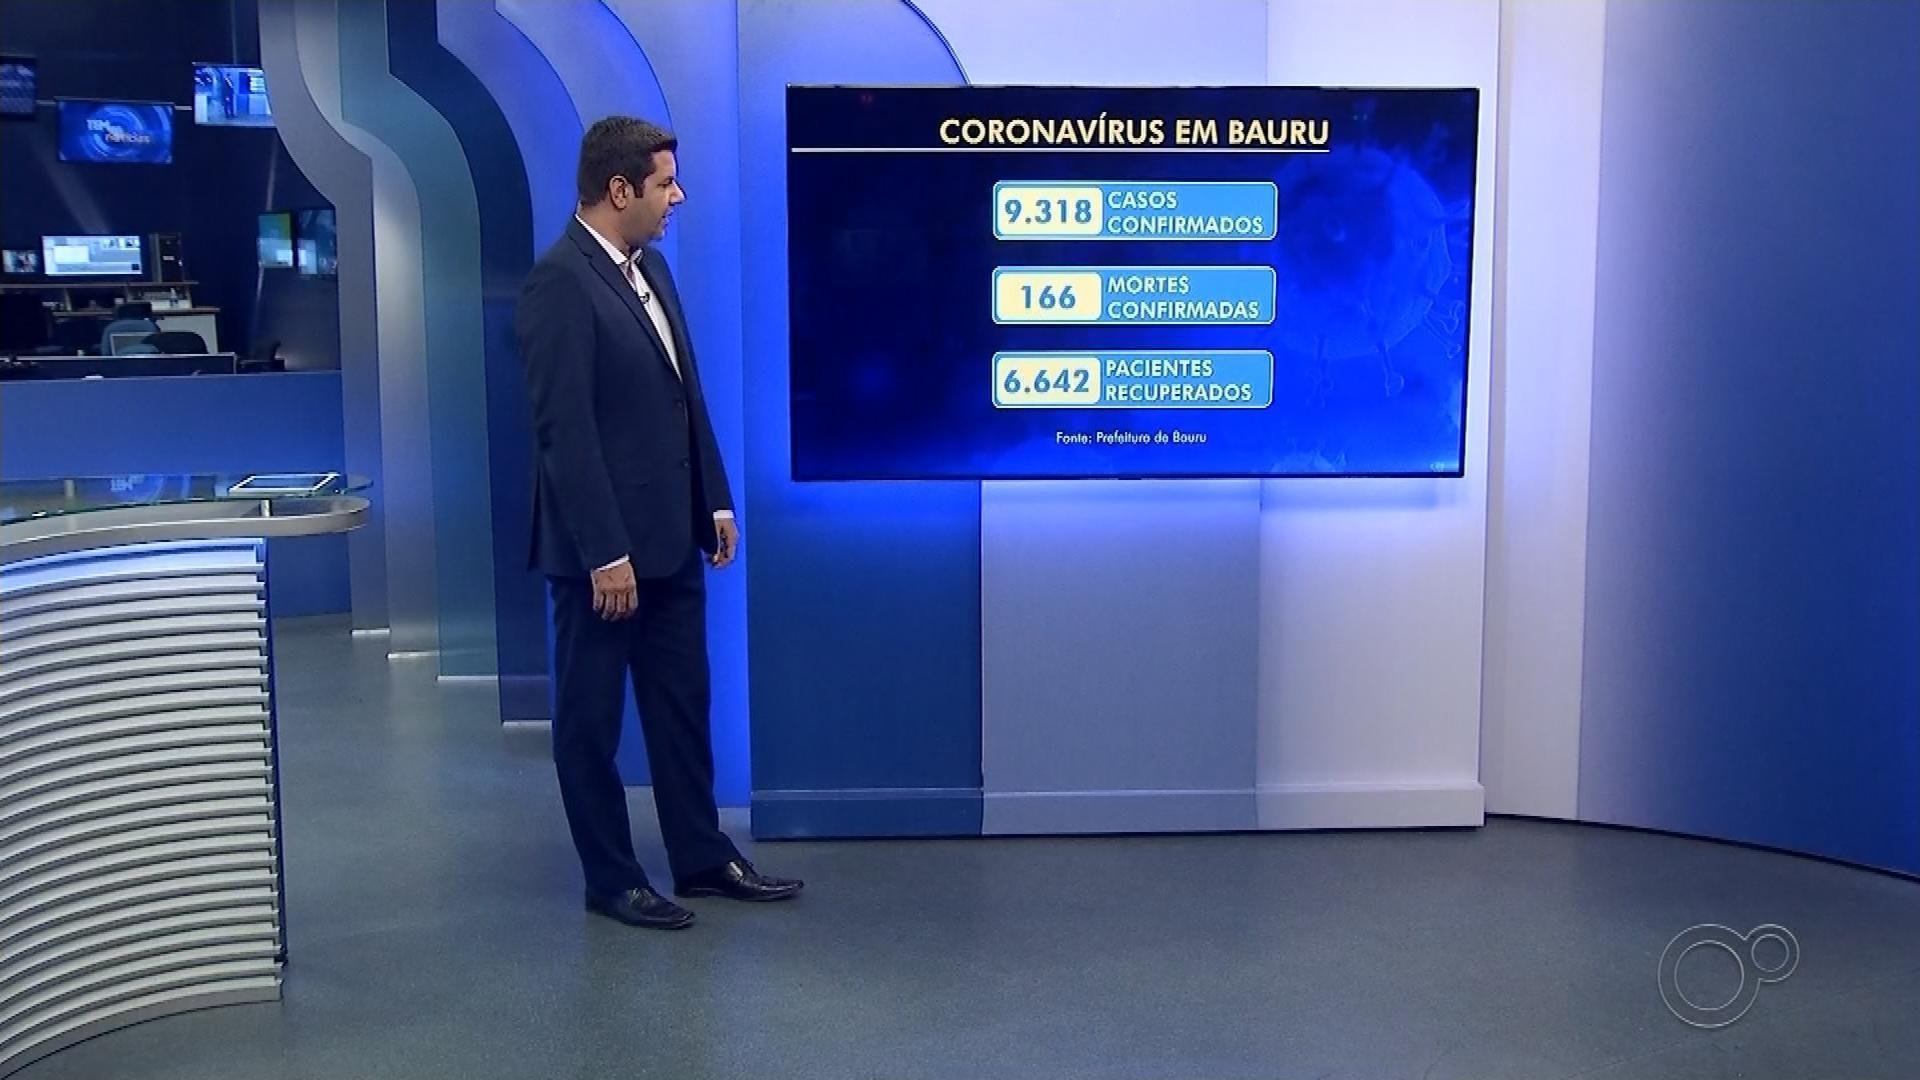 VÍDEOS: TEM Notícias 2ª edição de Bauru e Marília desta quinta-feira, 17 de setembro